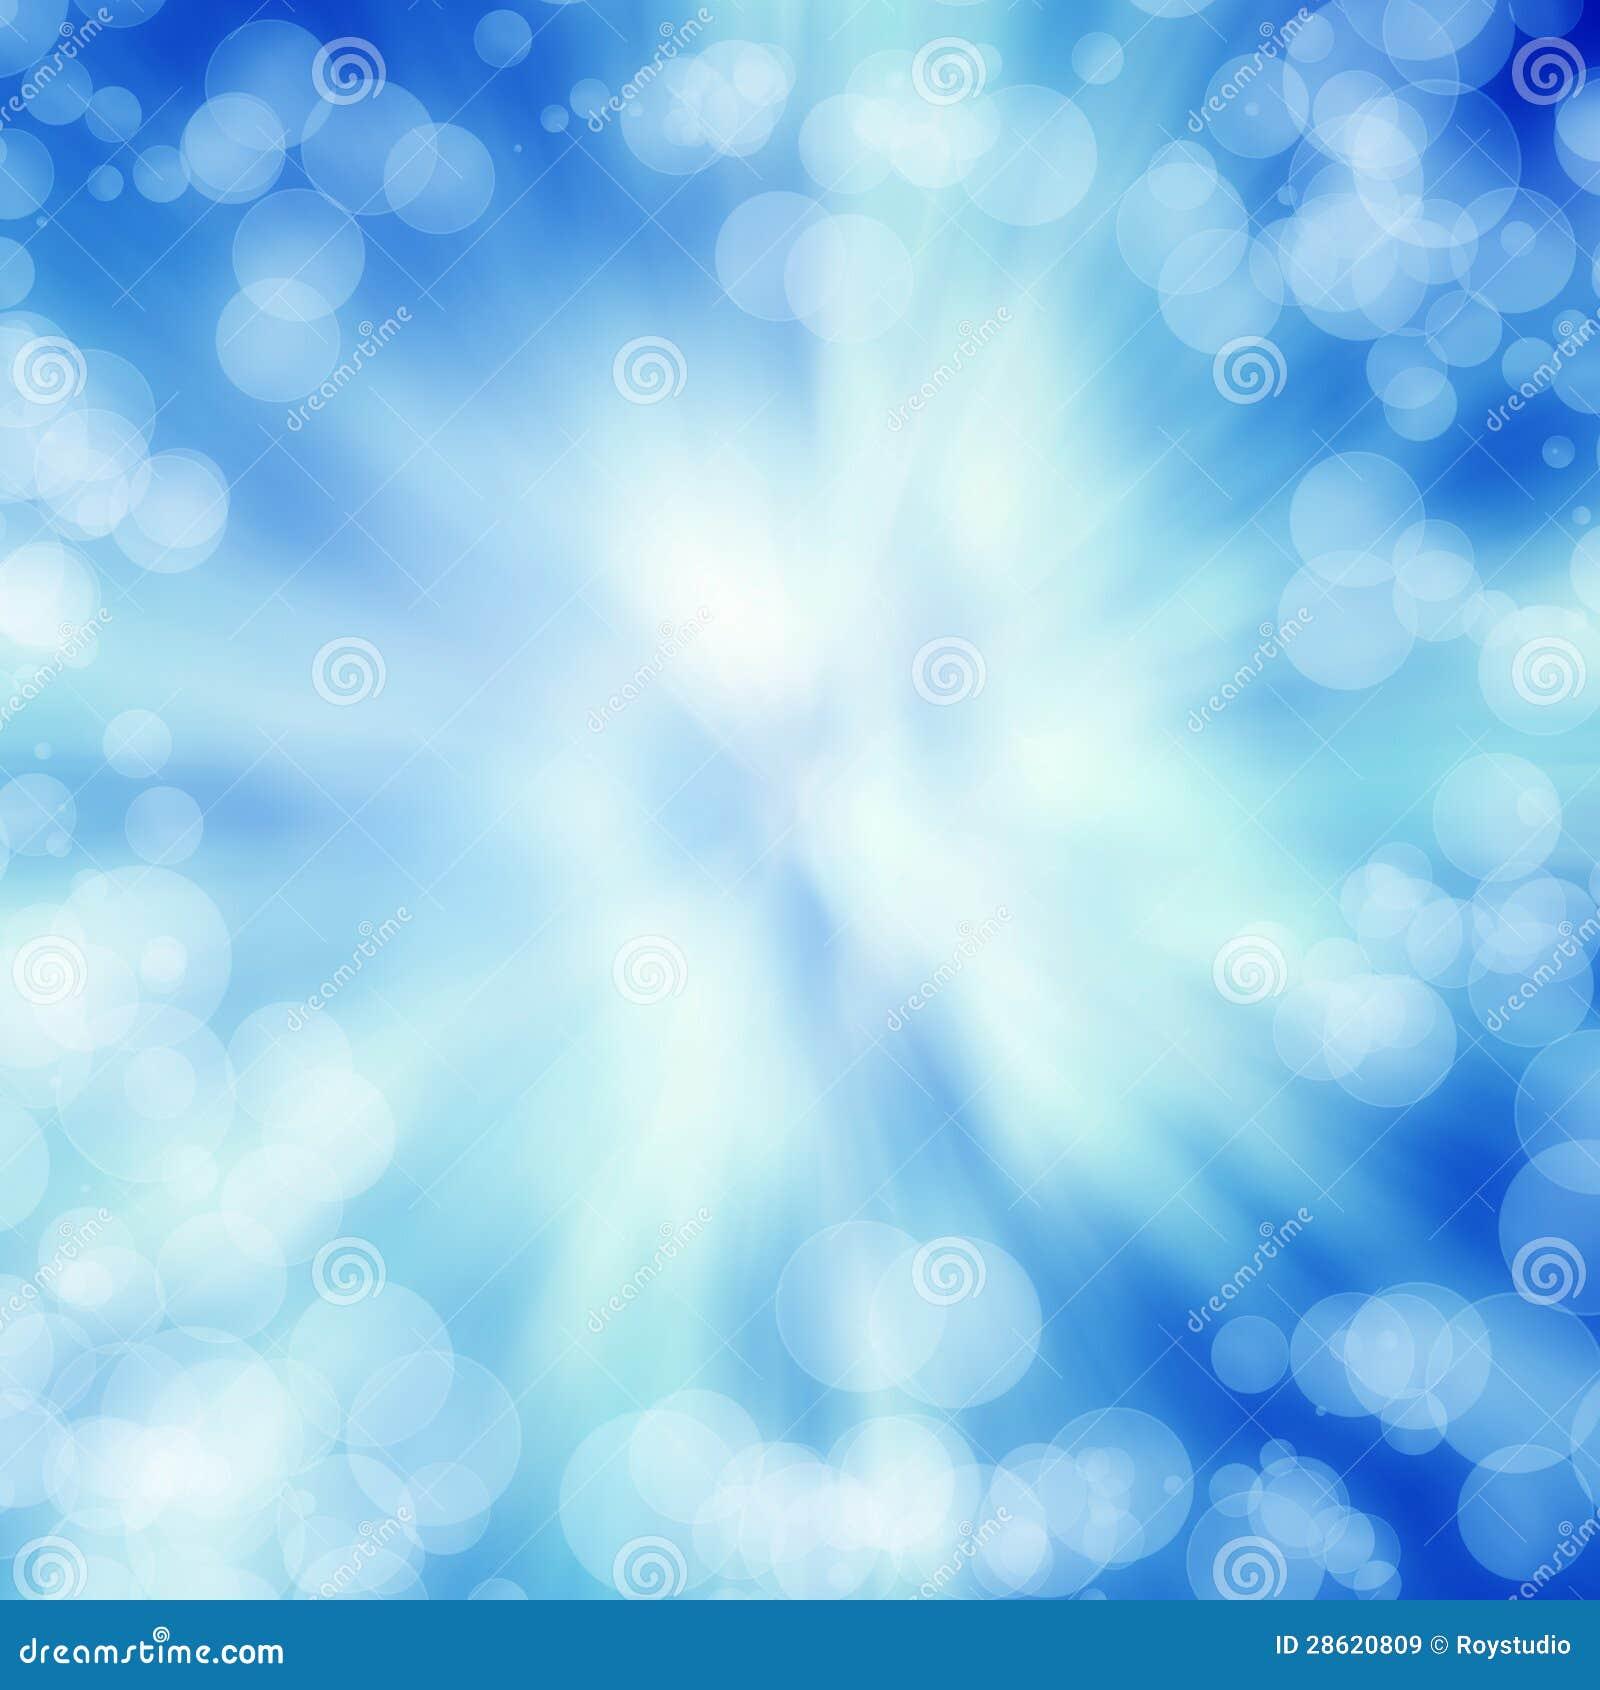 blue backgrond